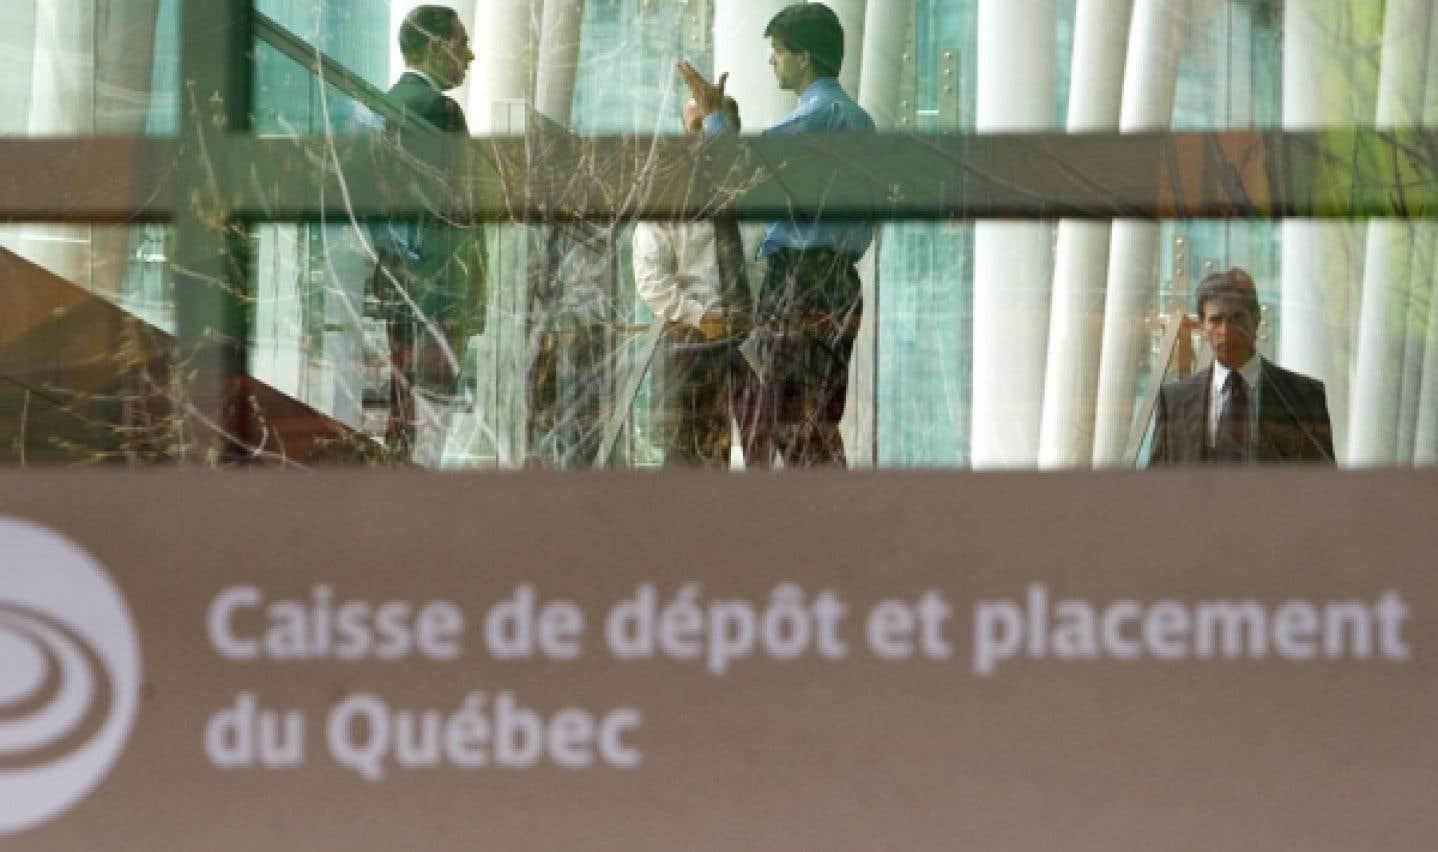 Selon la vice-présidente principale sur le plan des politiques et de la conformité à la Caisse de dépôt et placement du Québec, «la Caisse exerce son droit de vote depuis 1994; on affirme qu'on est un investisseur responsable parce qu'on vote dans toutes les entreprises depuis ce temps, ce qui fait partie d'un tel engagement.»